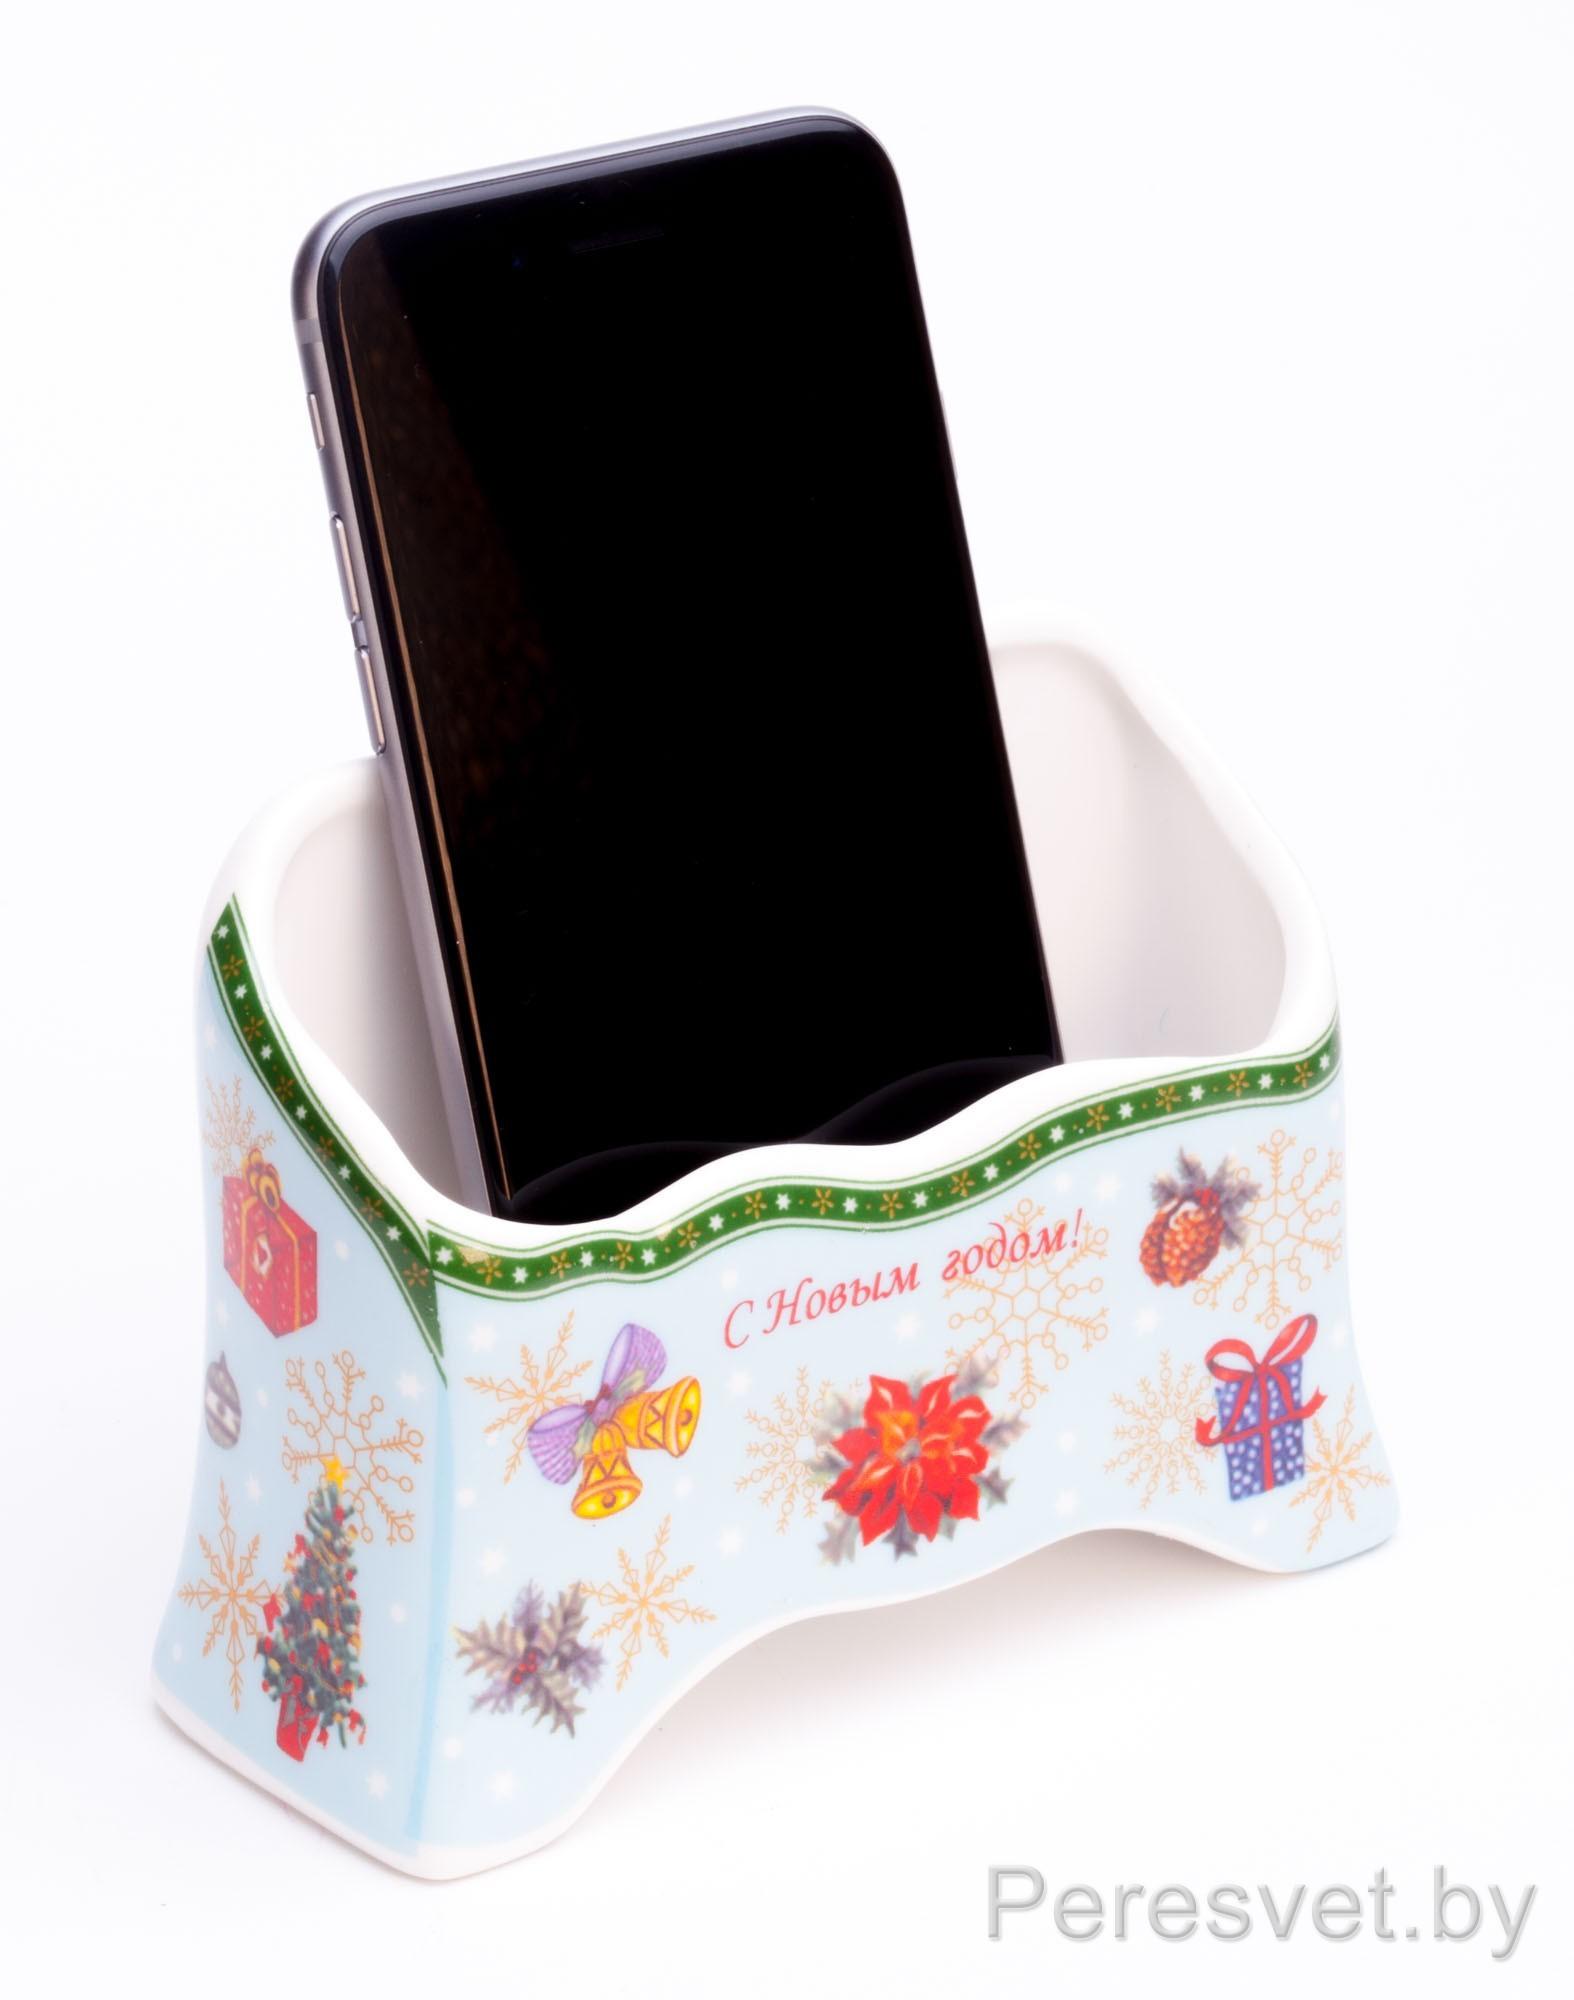 Новогодняя керамическая подставка для телефона на peresvet.by